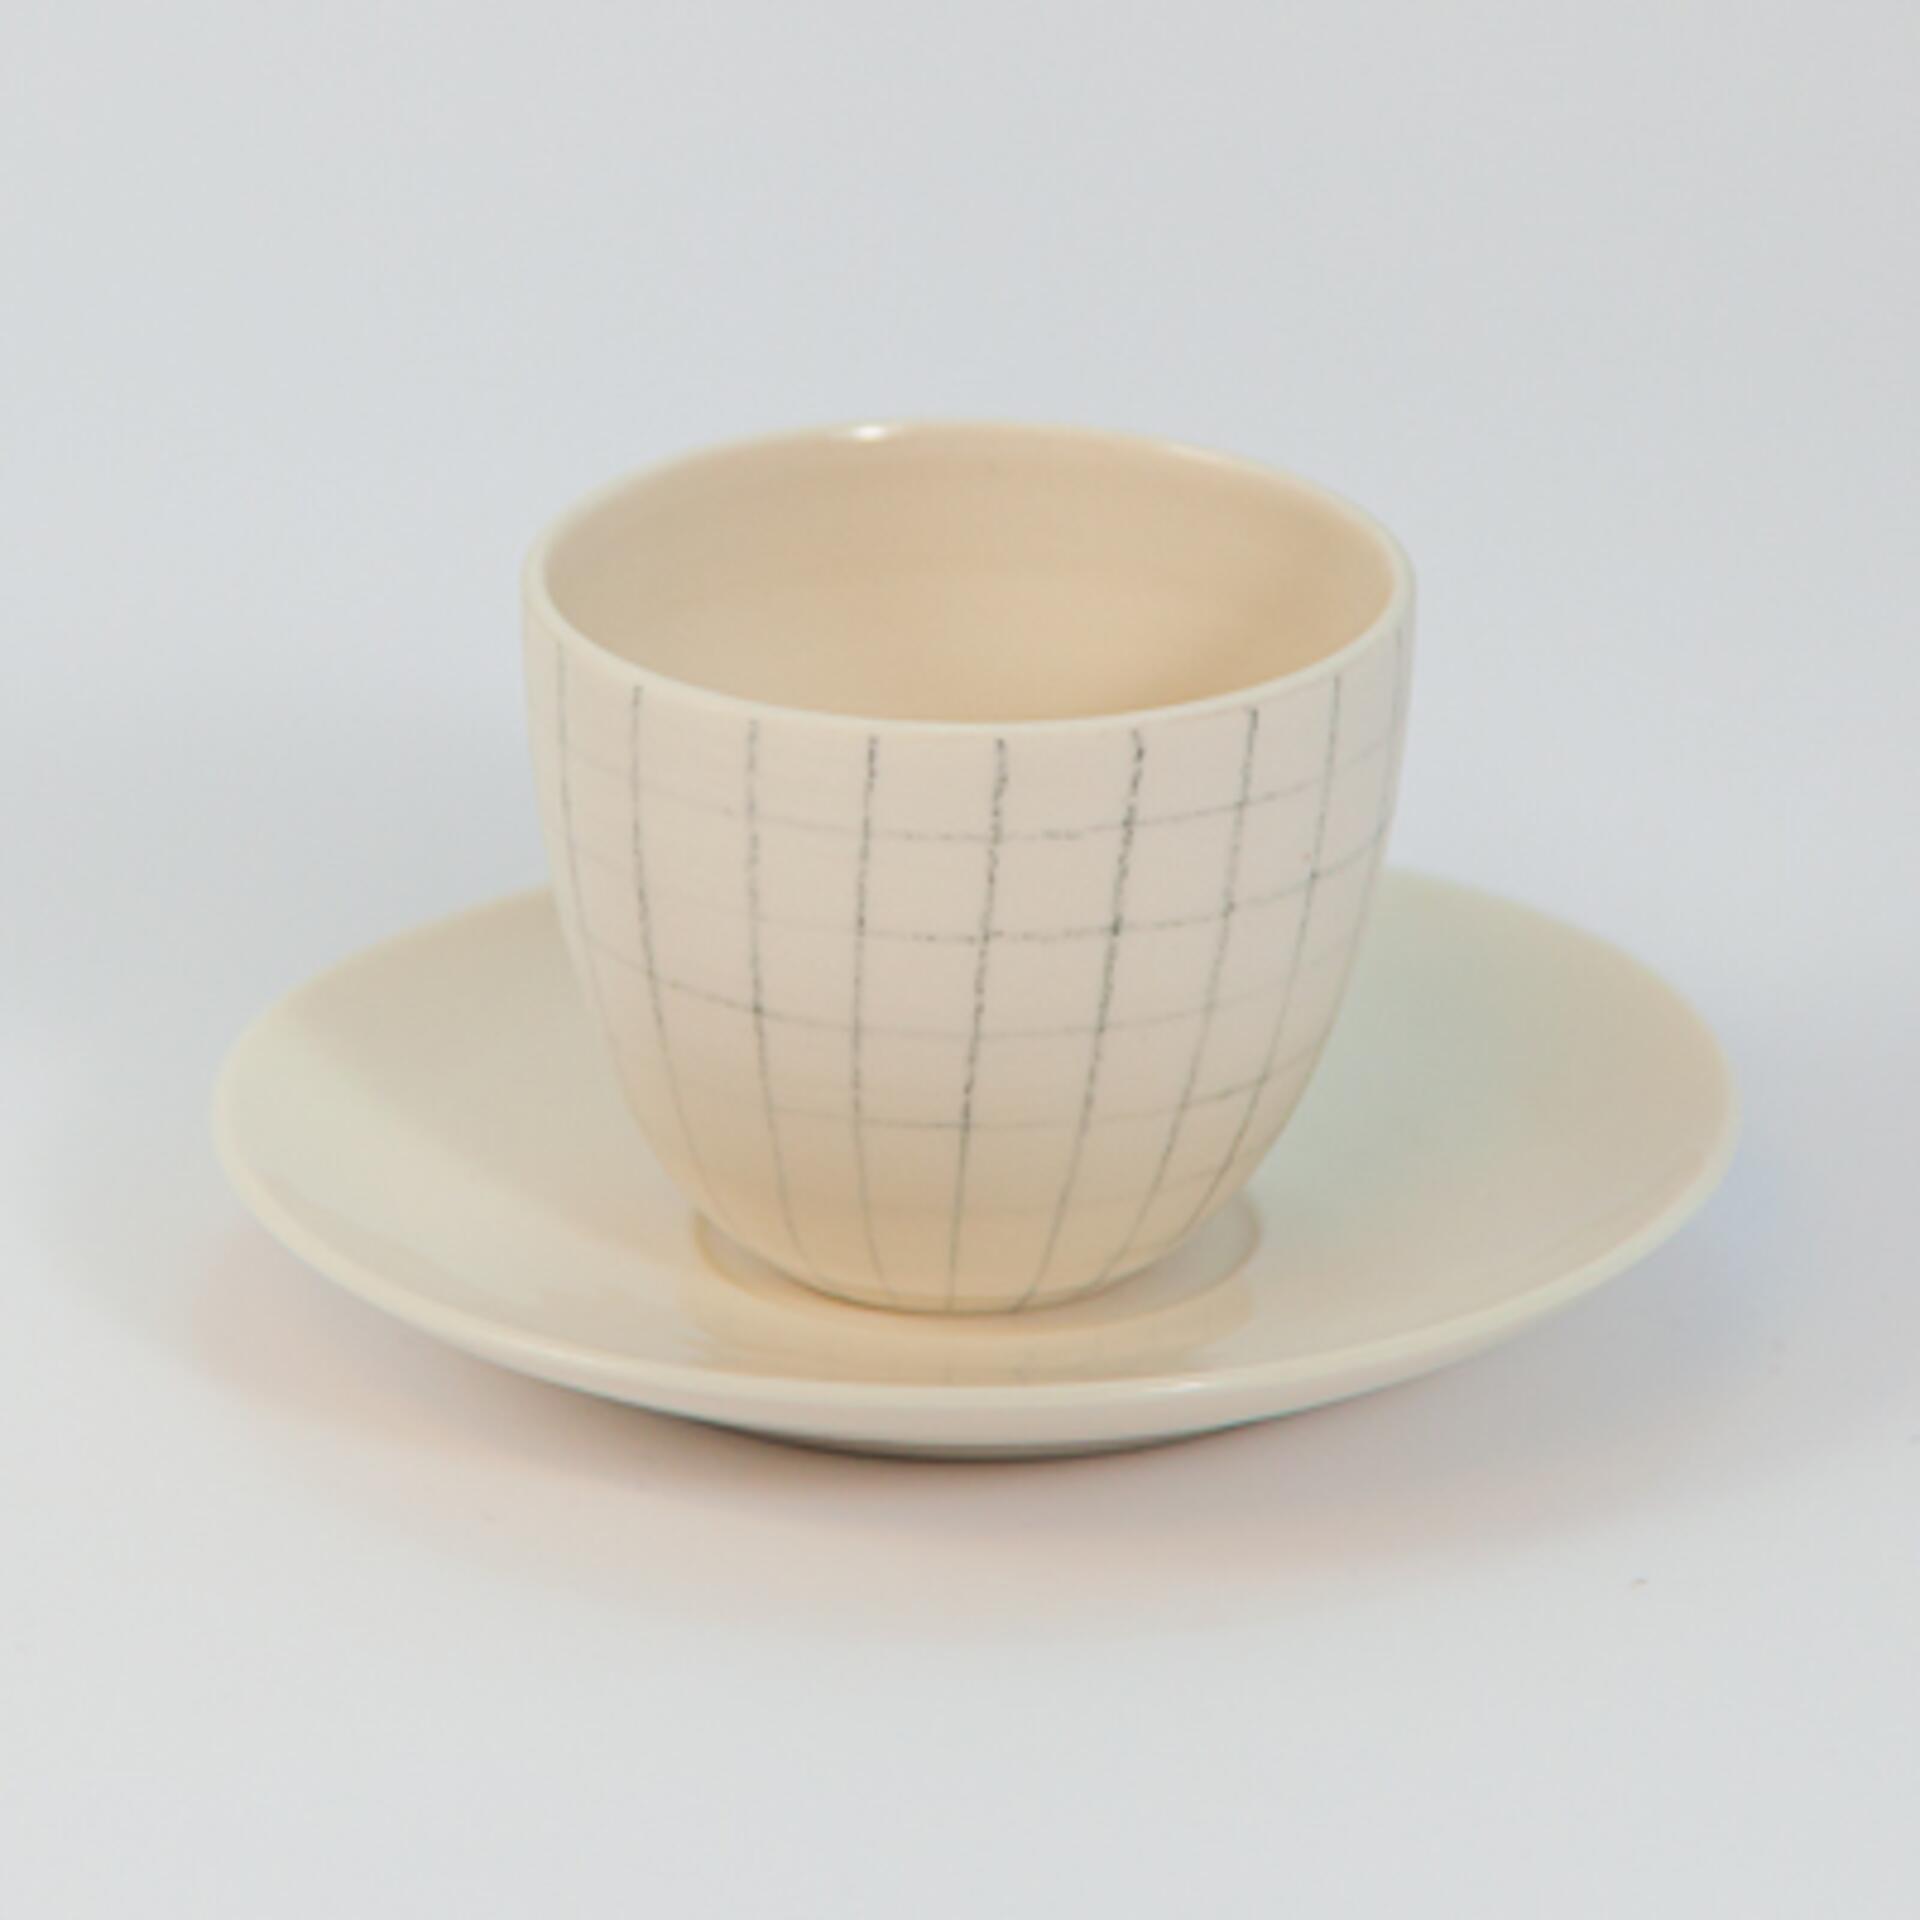 Schoemig Porzellan Espressotasse Graph Quadrat Klein